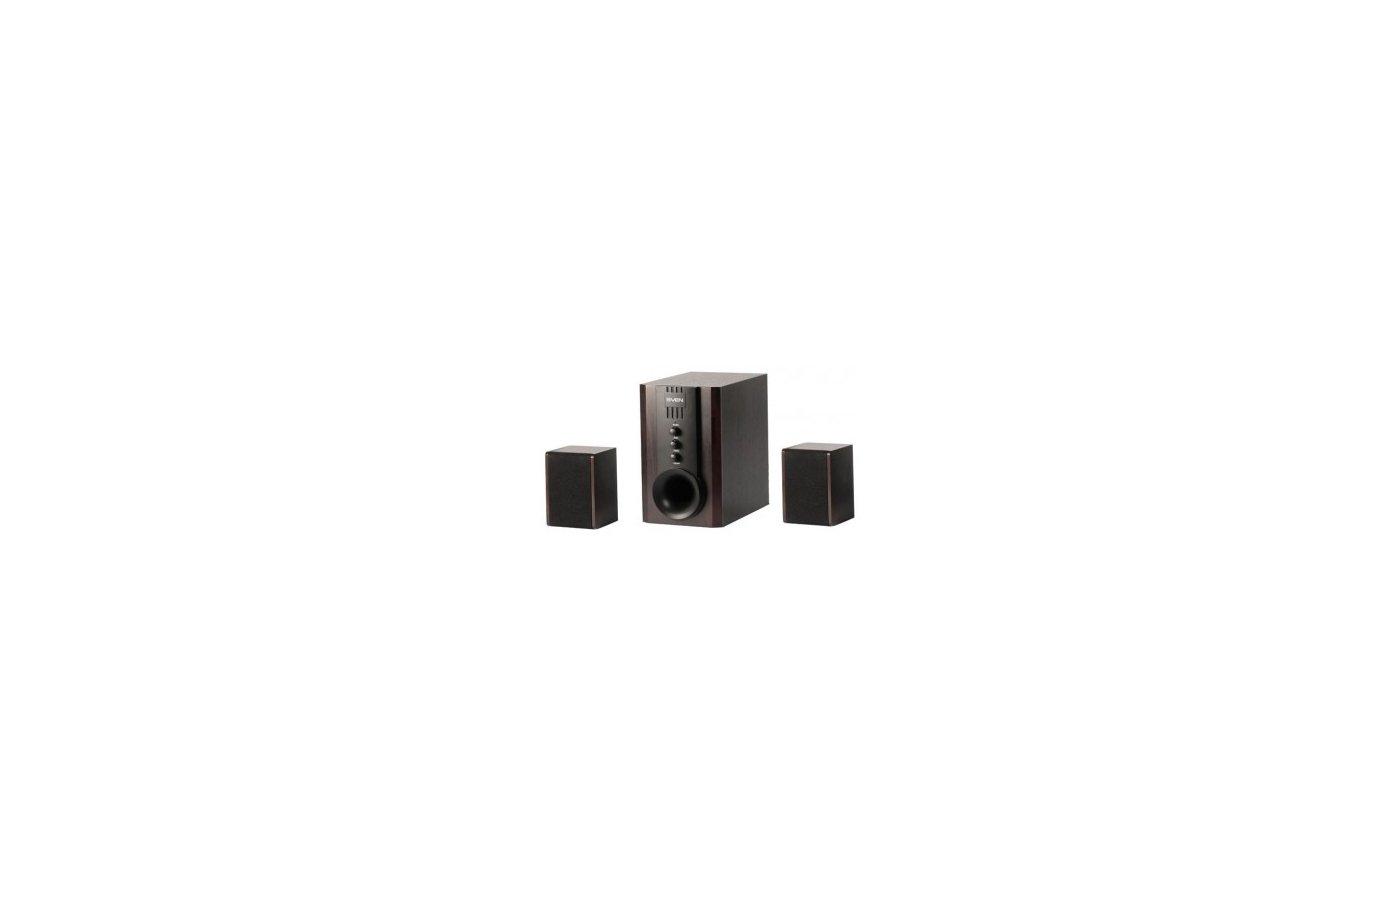 Компьютерные колонки SVEN SPS-821 тёмное дерево/чёрный